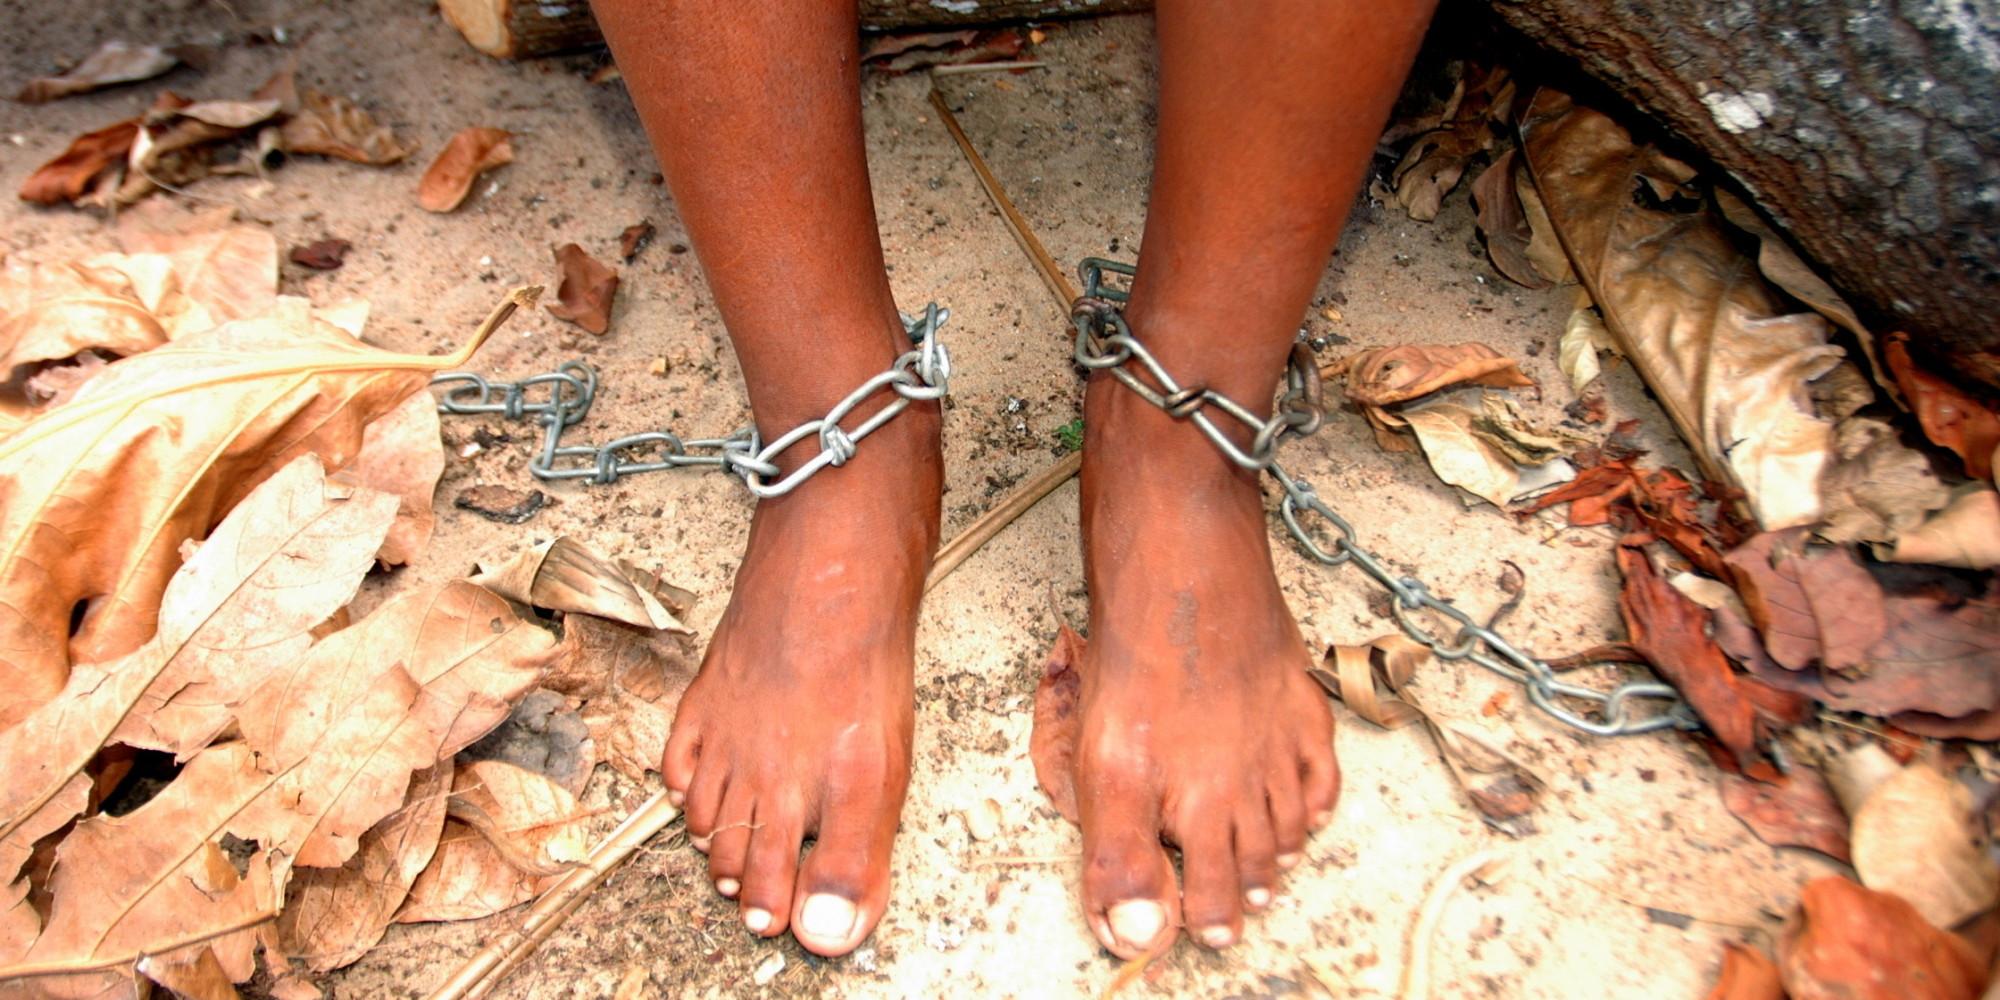 angelus quot aujourd hui il y a dans le monde tant d enfants esclaves quot riposte catholique